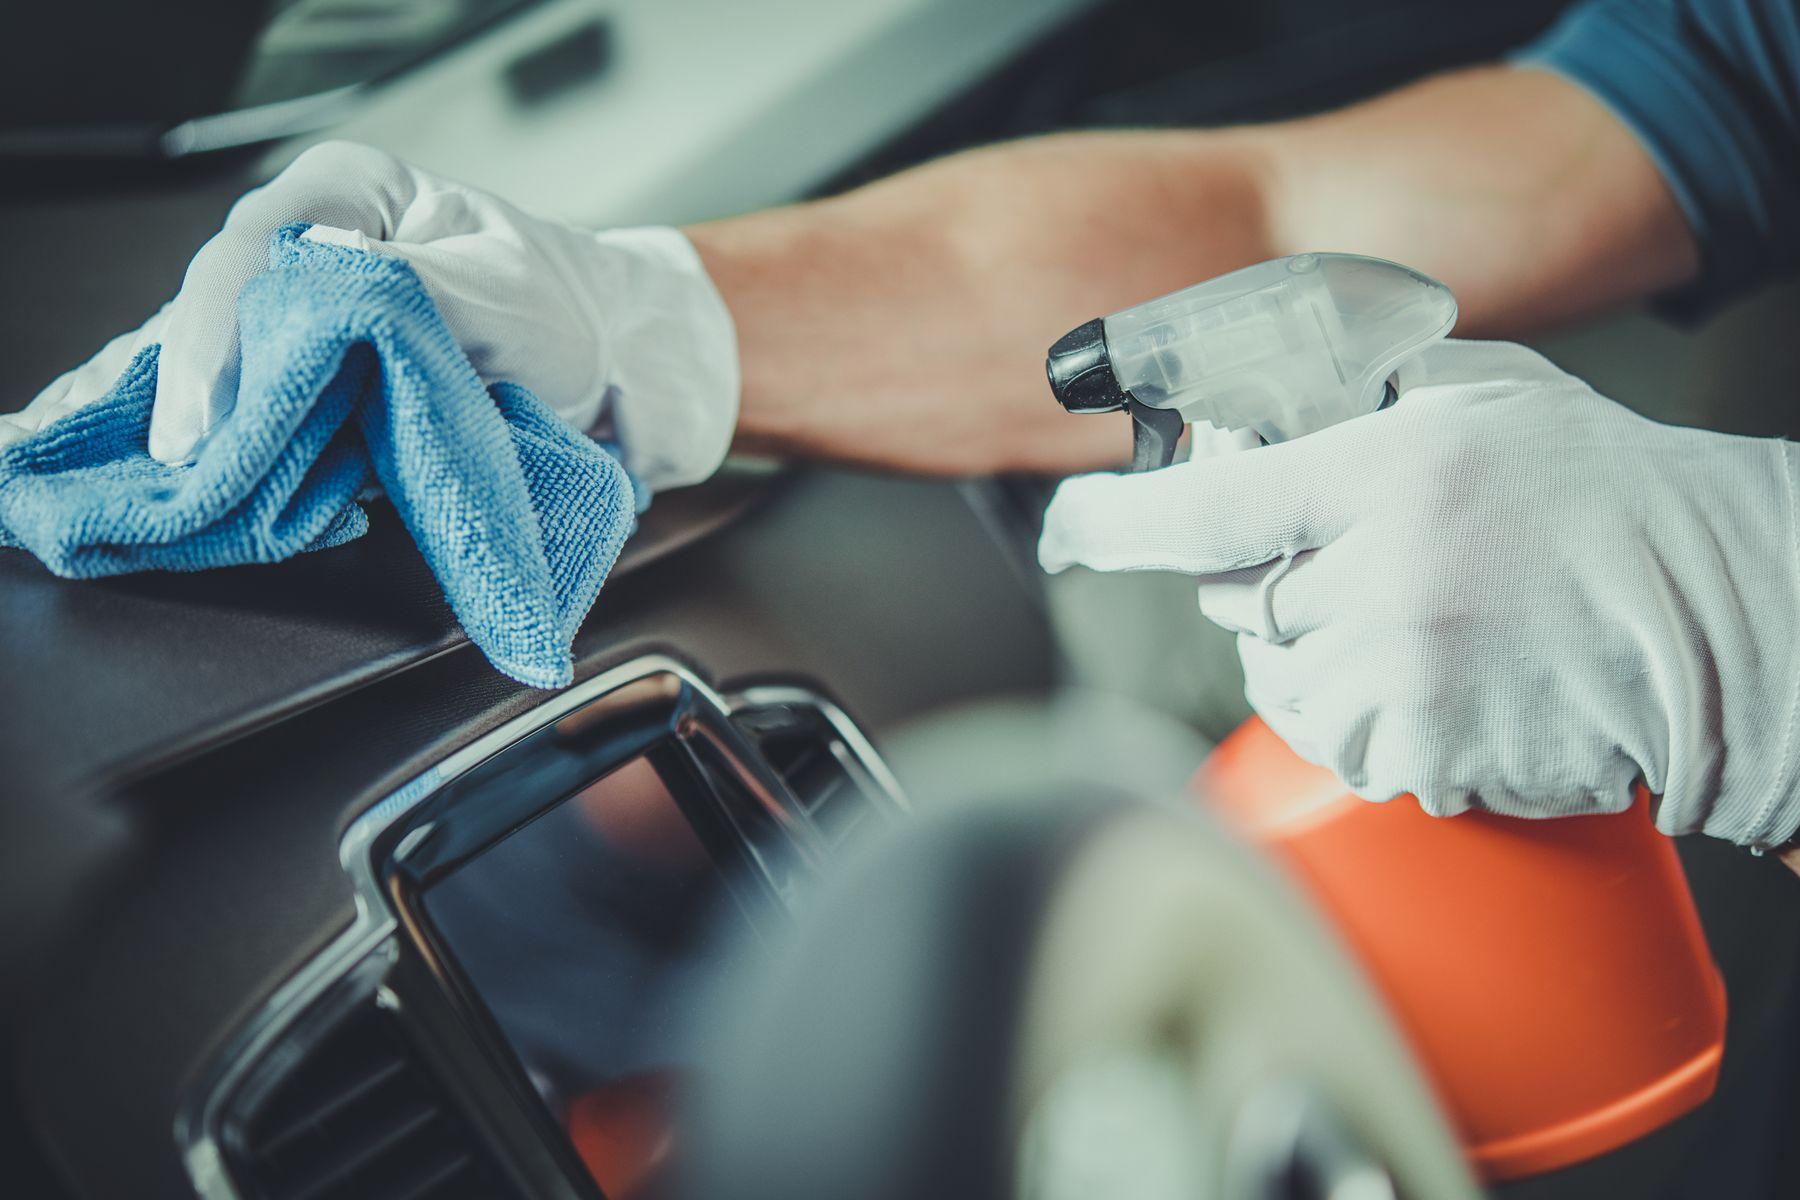 Araba temizliği ve bakımı